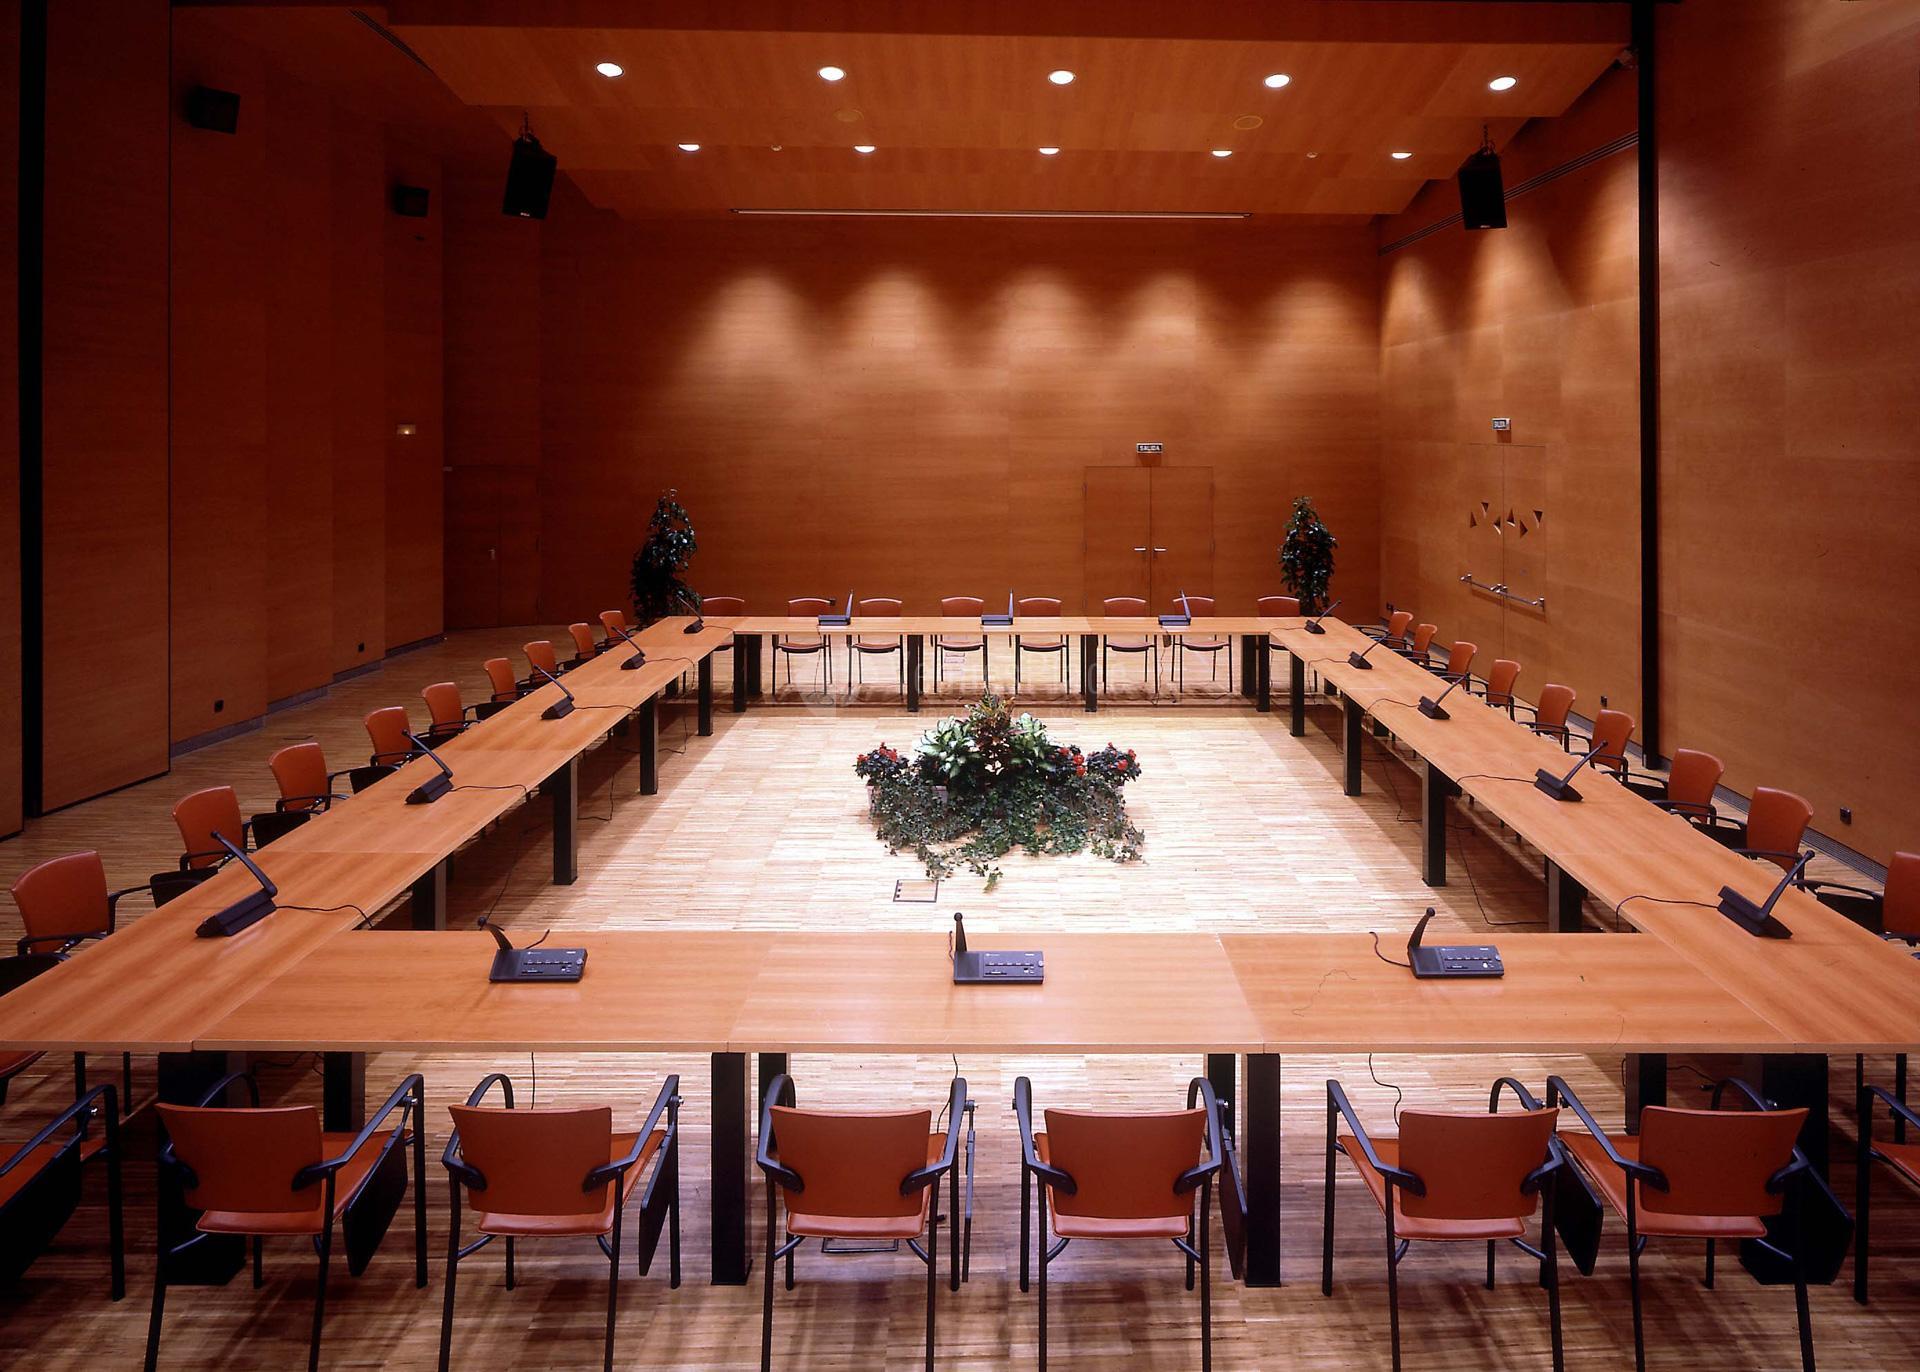 Montaje en cuadrado sala A3 en el Palacio Euskalduna eventos de empresa únicos.